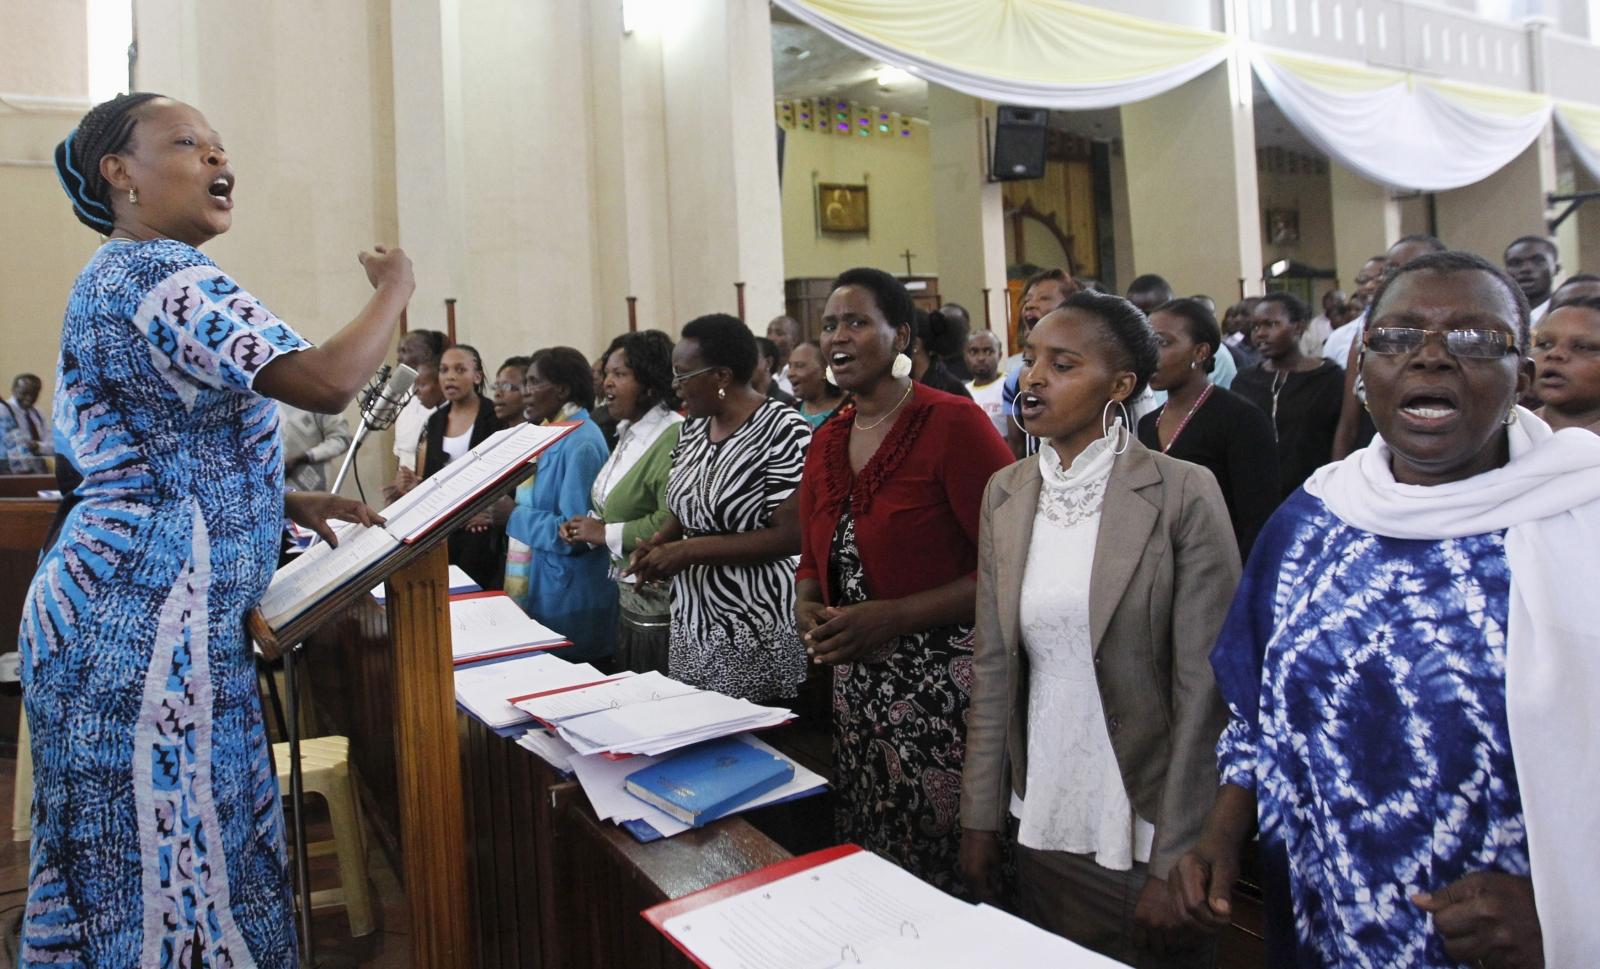 An Easter mass in Garissa, Kenya